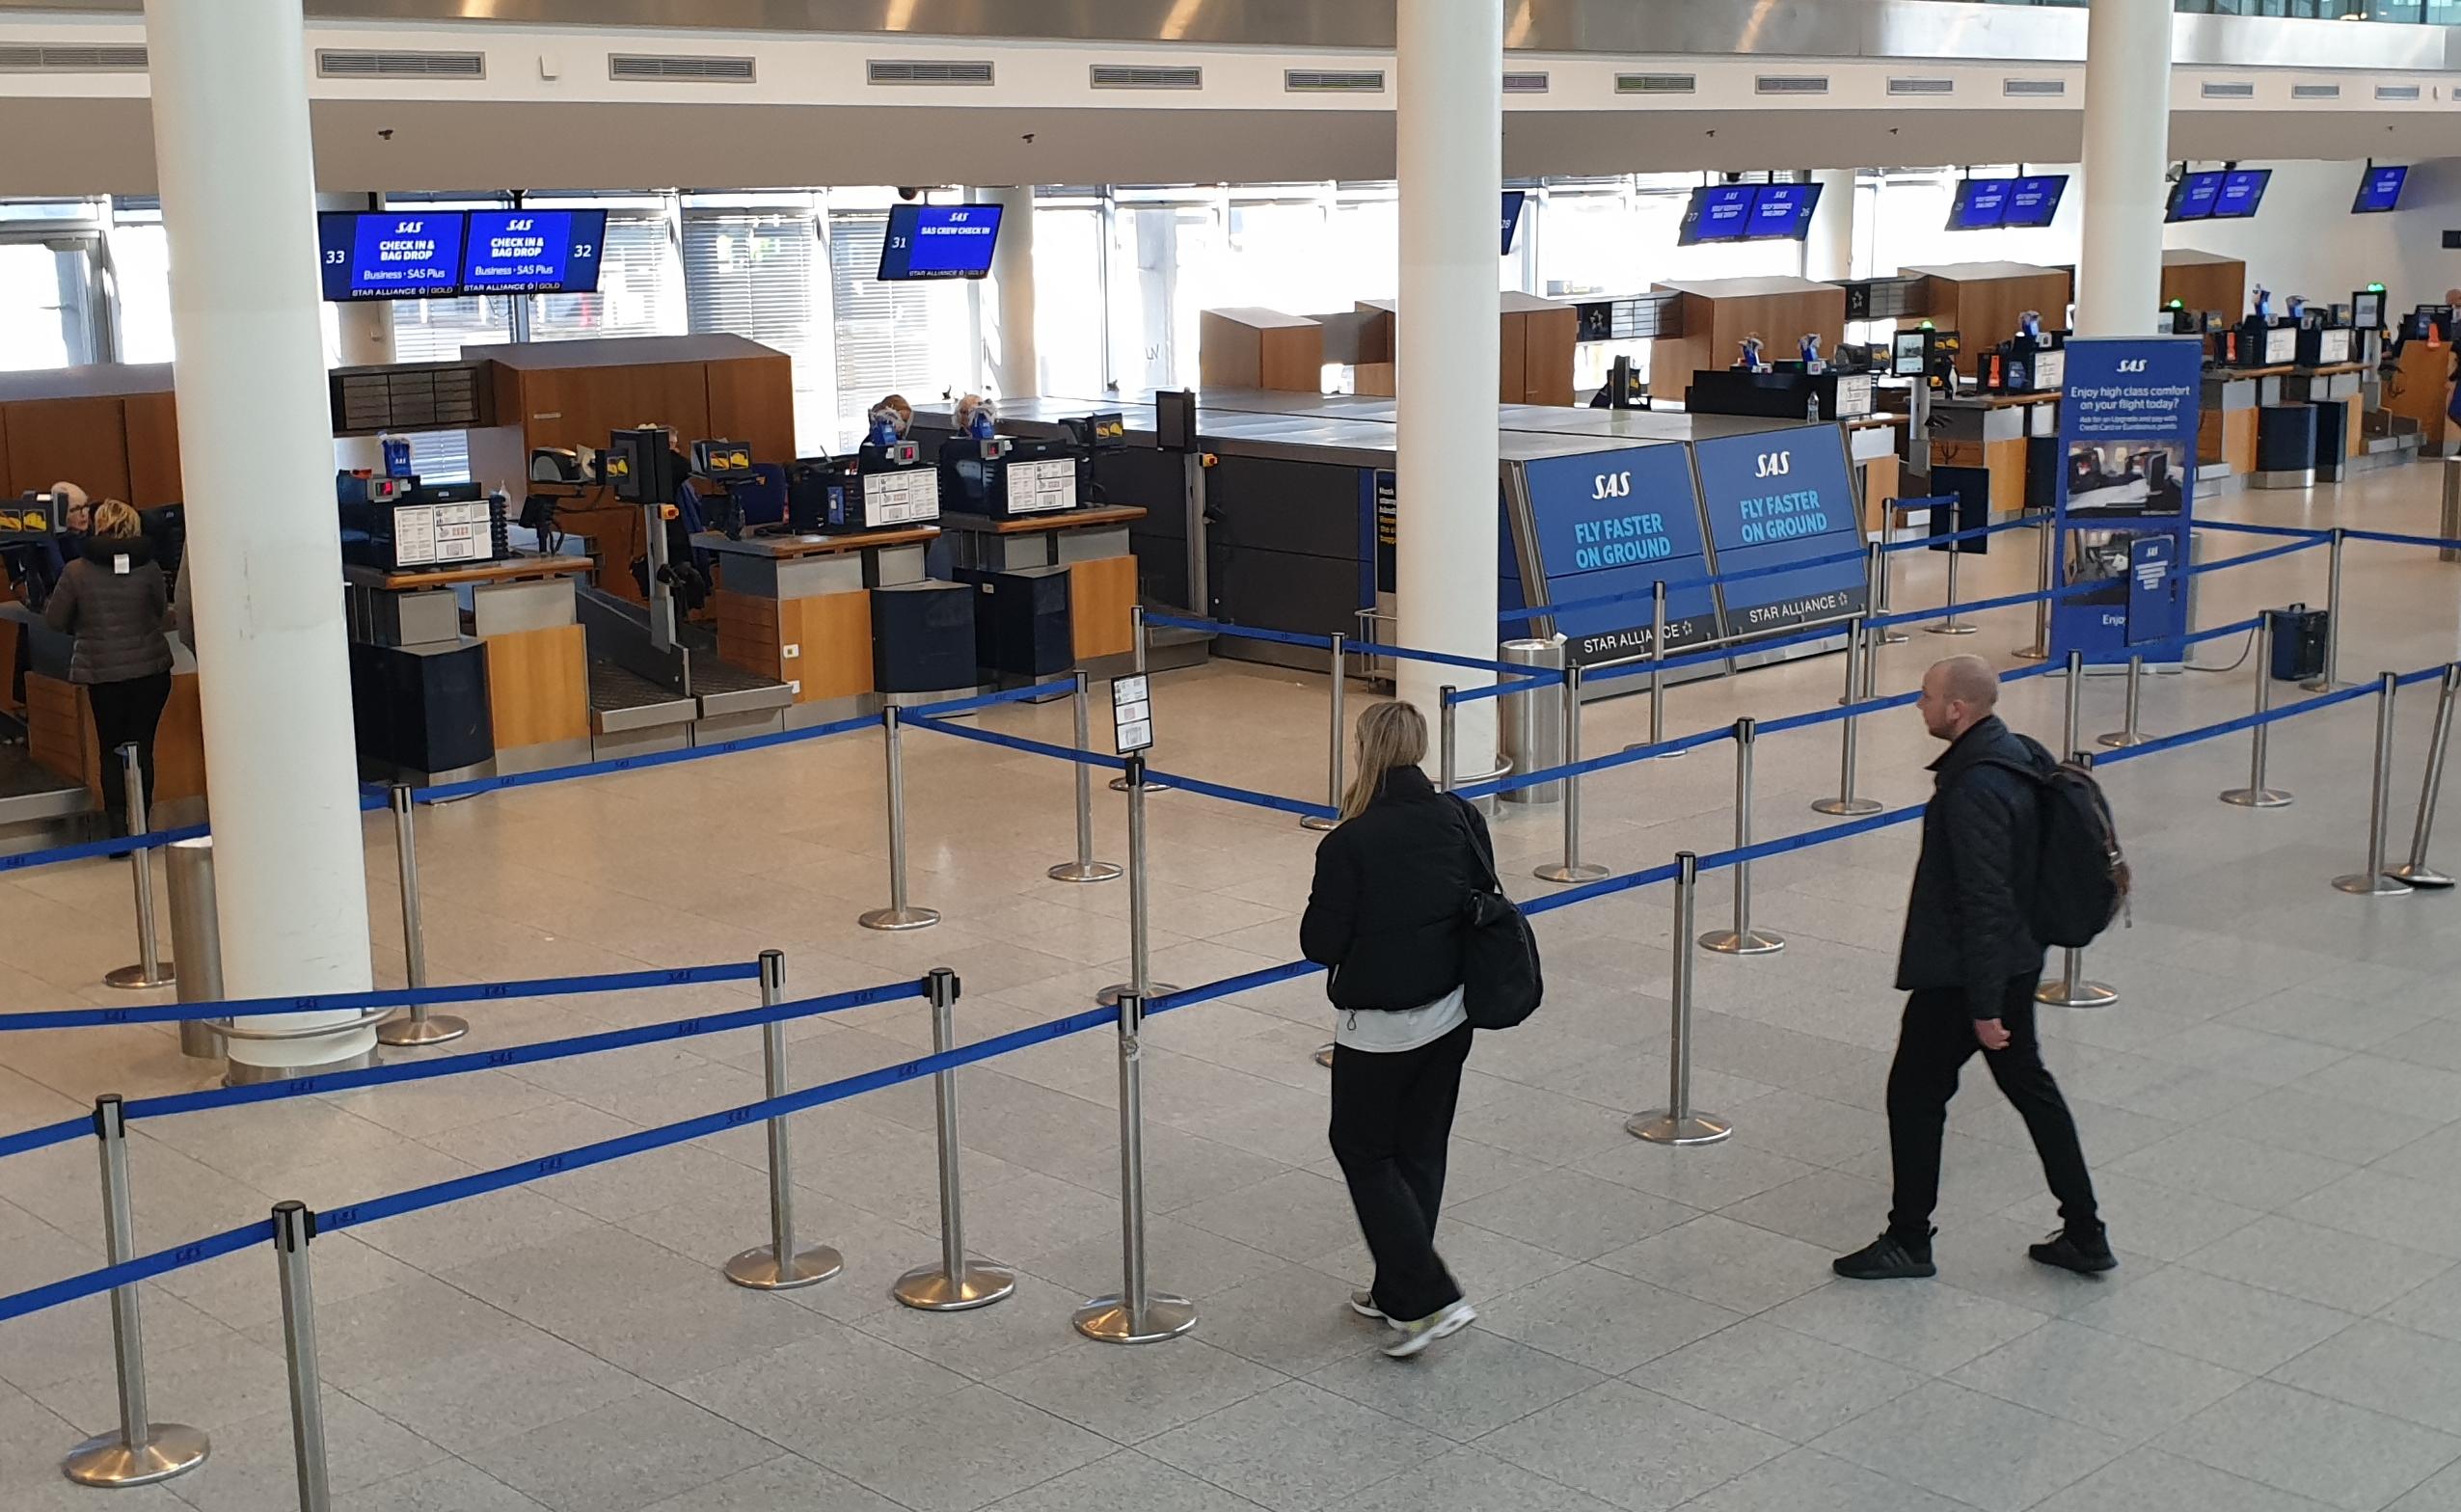 Når virksomheder igen begynder at sende medarbejdere på firmarejser er der som følge af coronakrisen behov for en bred vifte af informationer. Arkivfoto fra Københavns Lufthavn: J. Hahn.